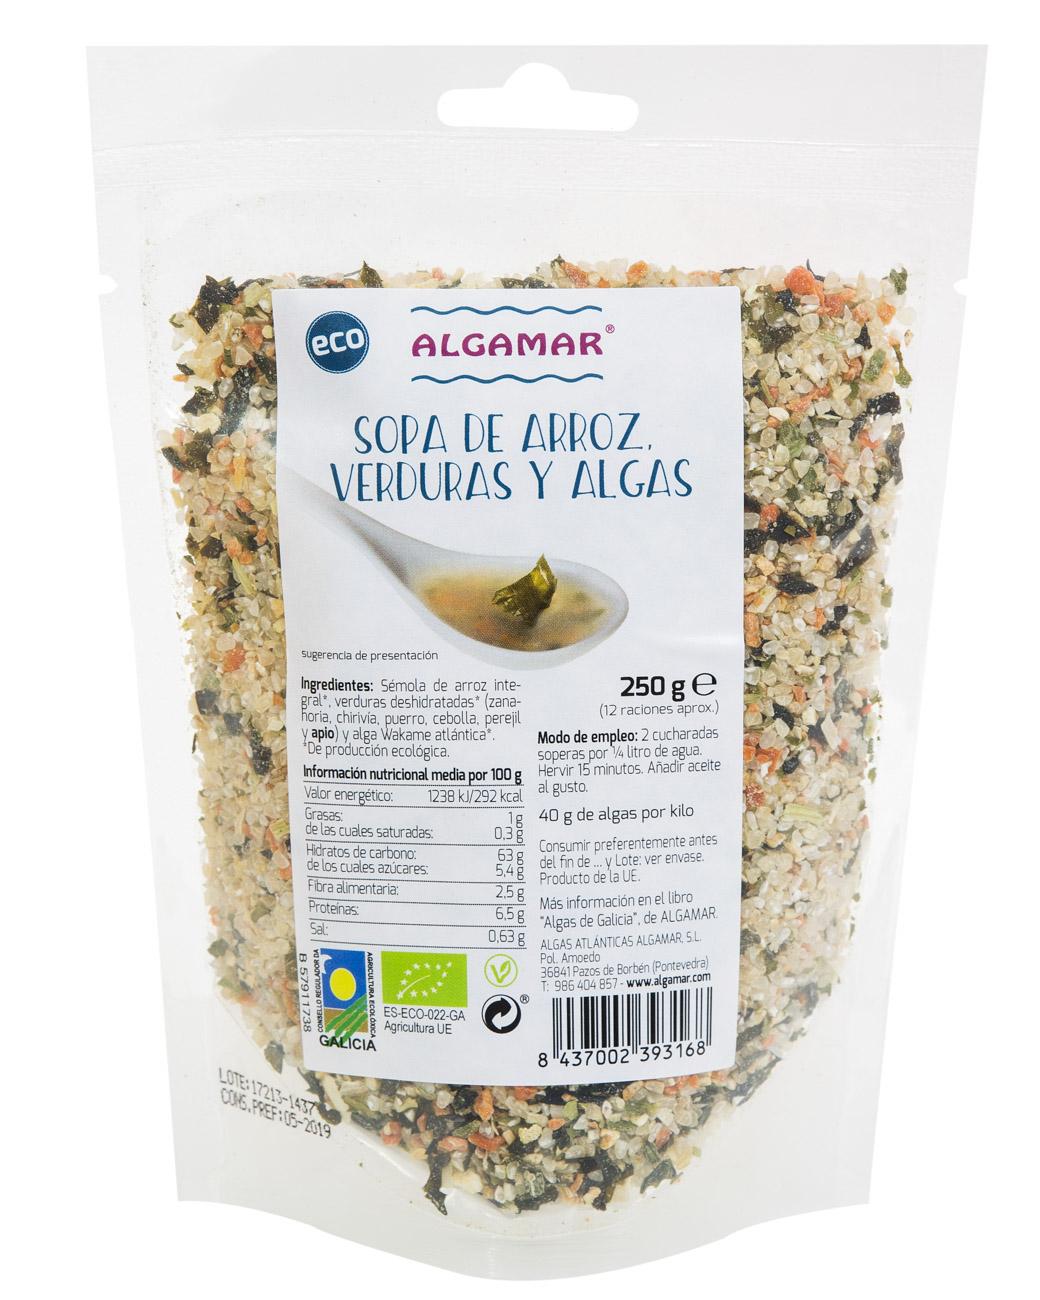 44-algamar-sopa-de-arroz-verduras-y-algas-250g